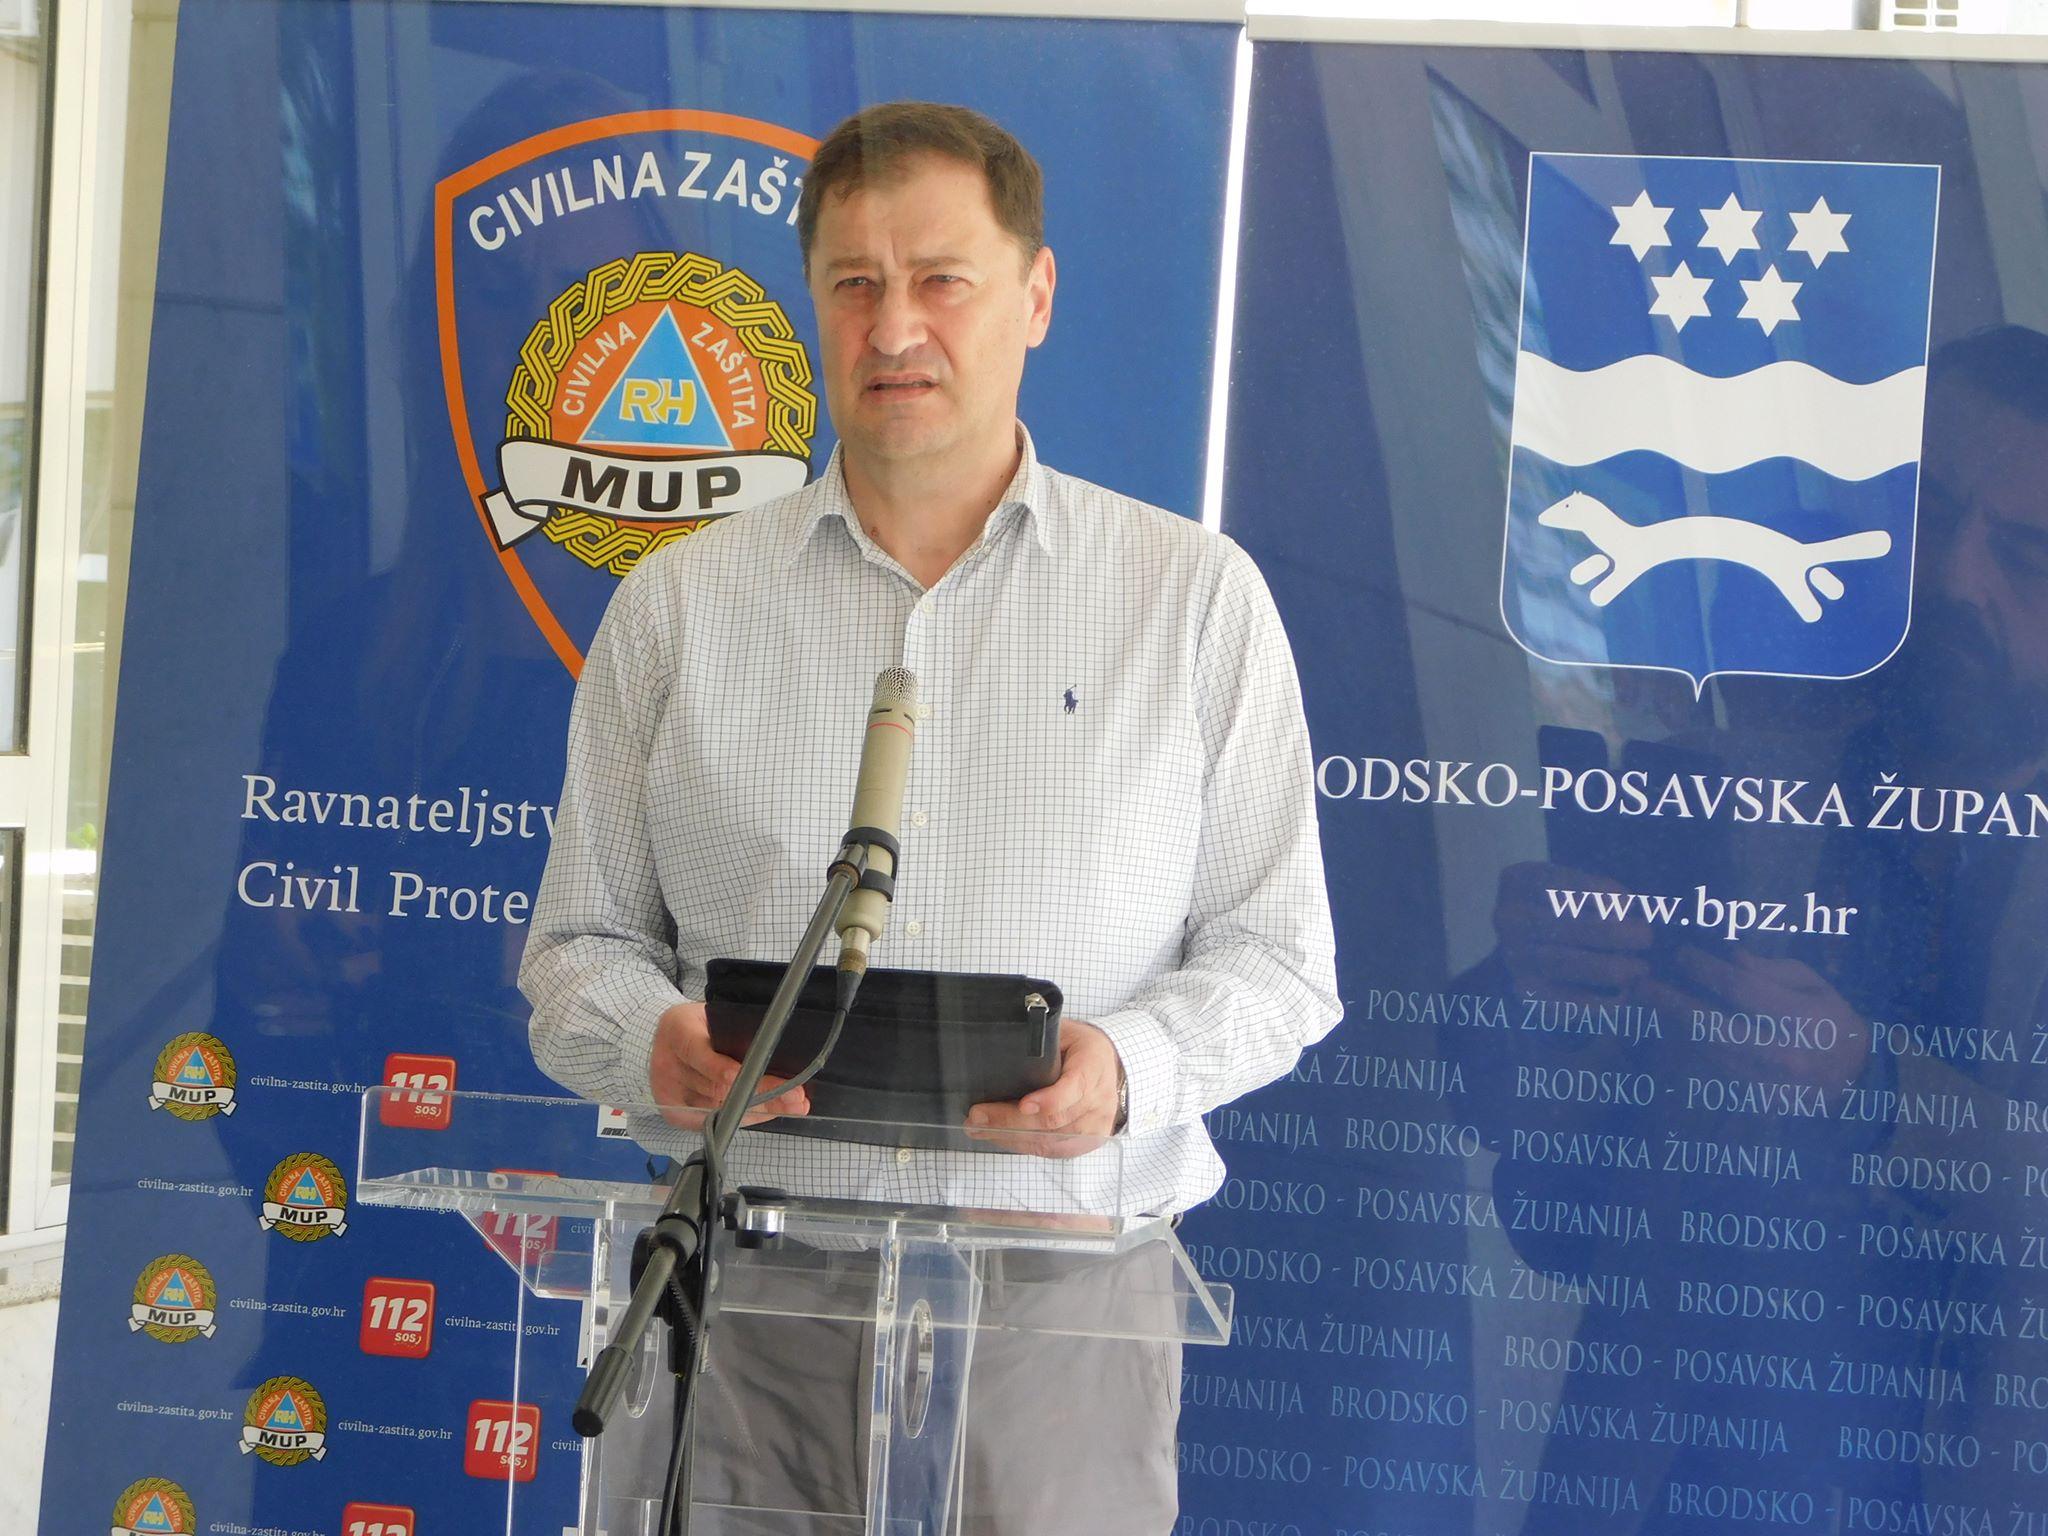 U Brodsko-posavskoj županiji 6 novih slučajeva zaraze koronavirusom, najviše zaraženih s područja općine Staro Petrovo Selo